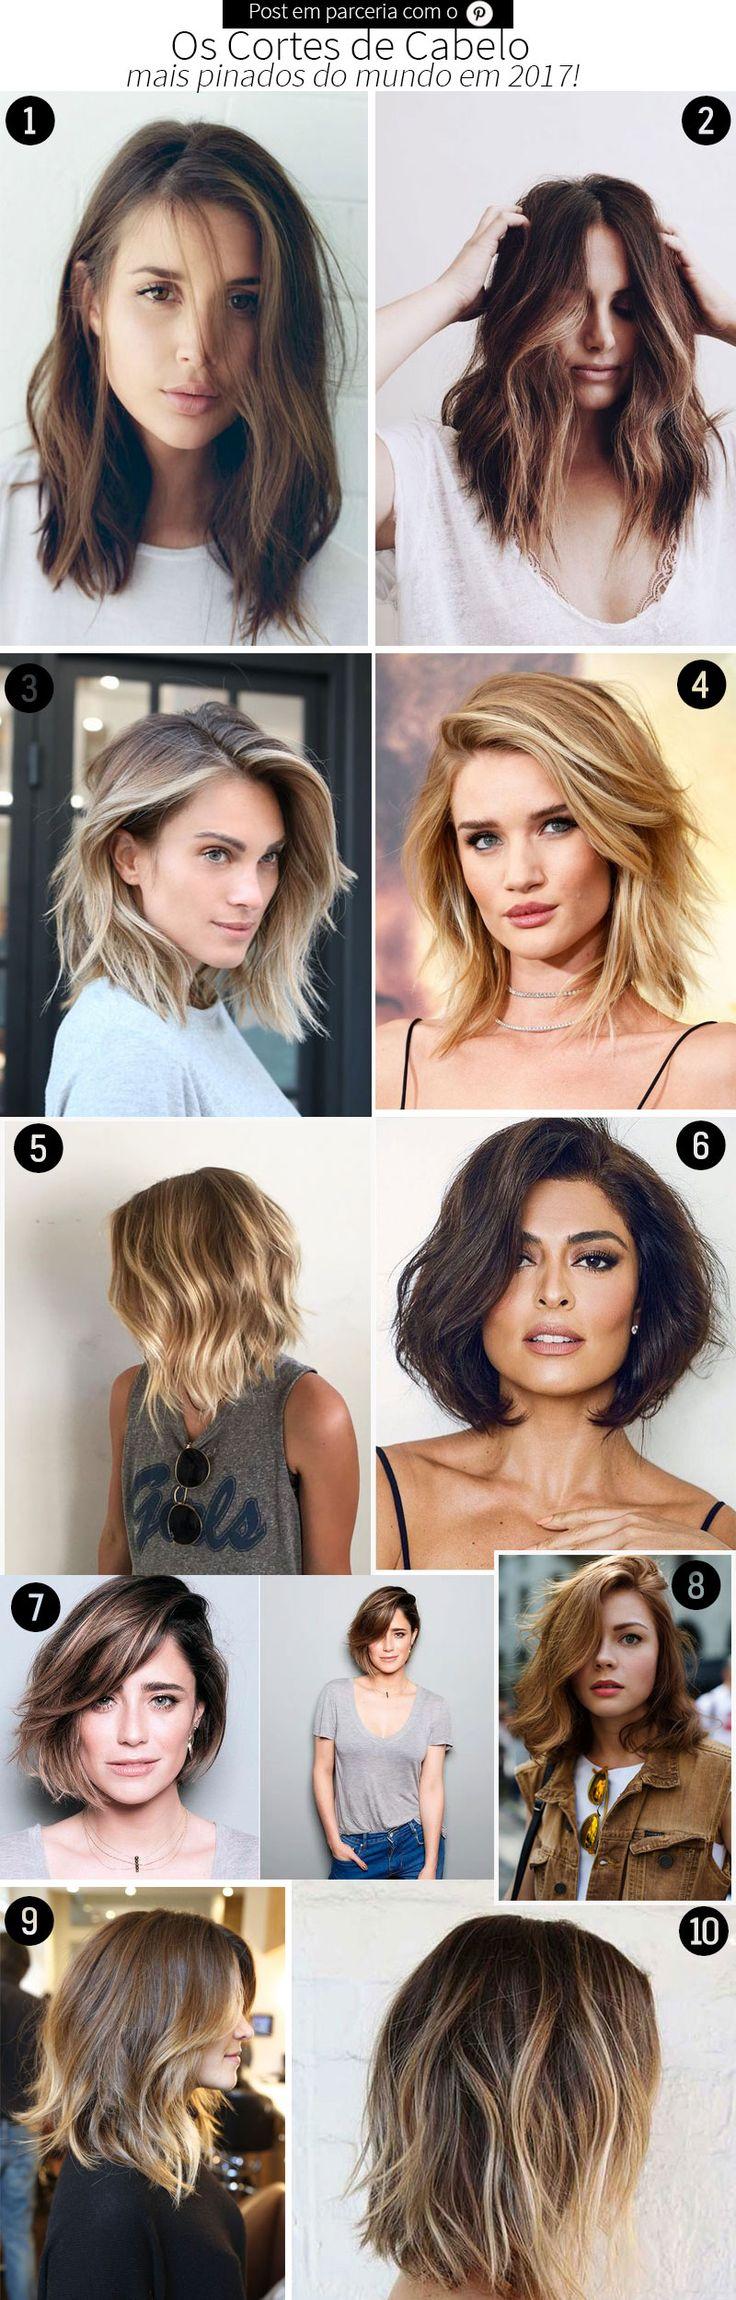 Corte de cabelo feminino 2017